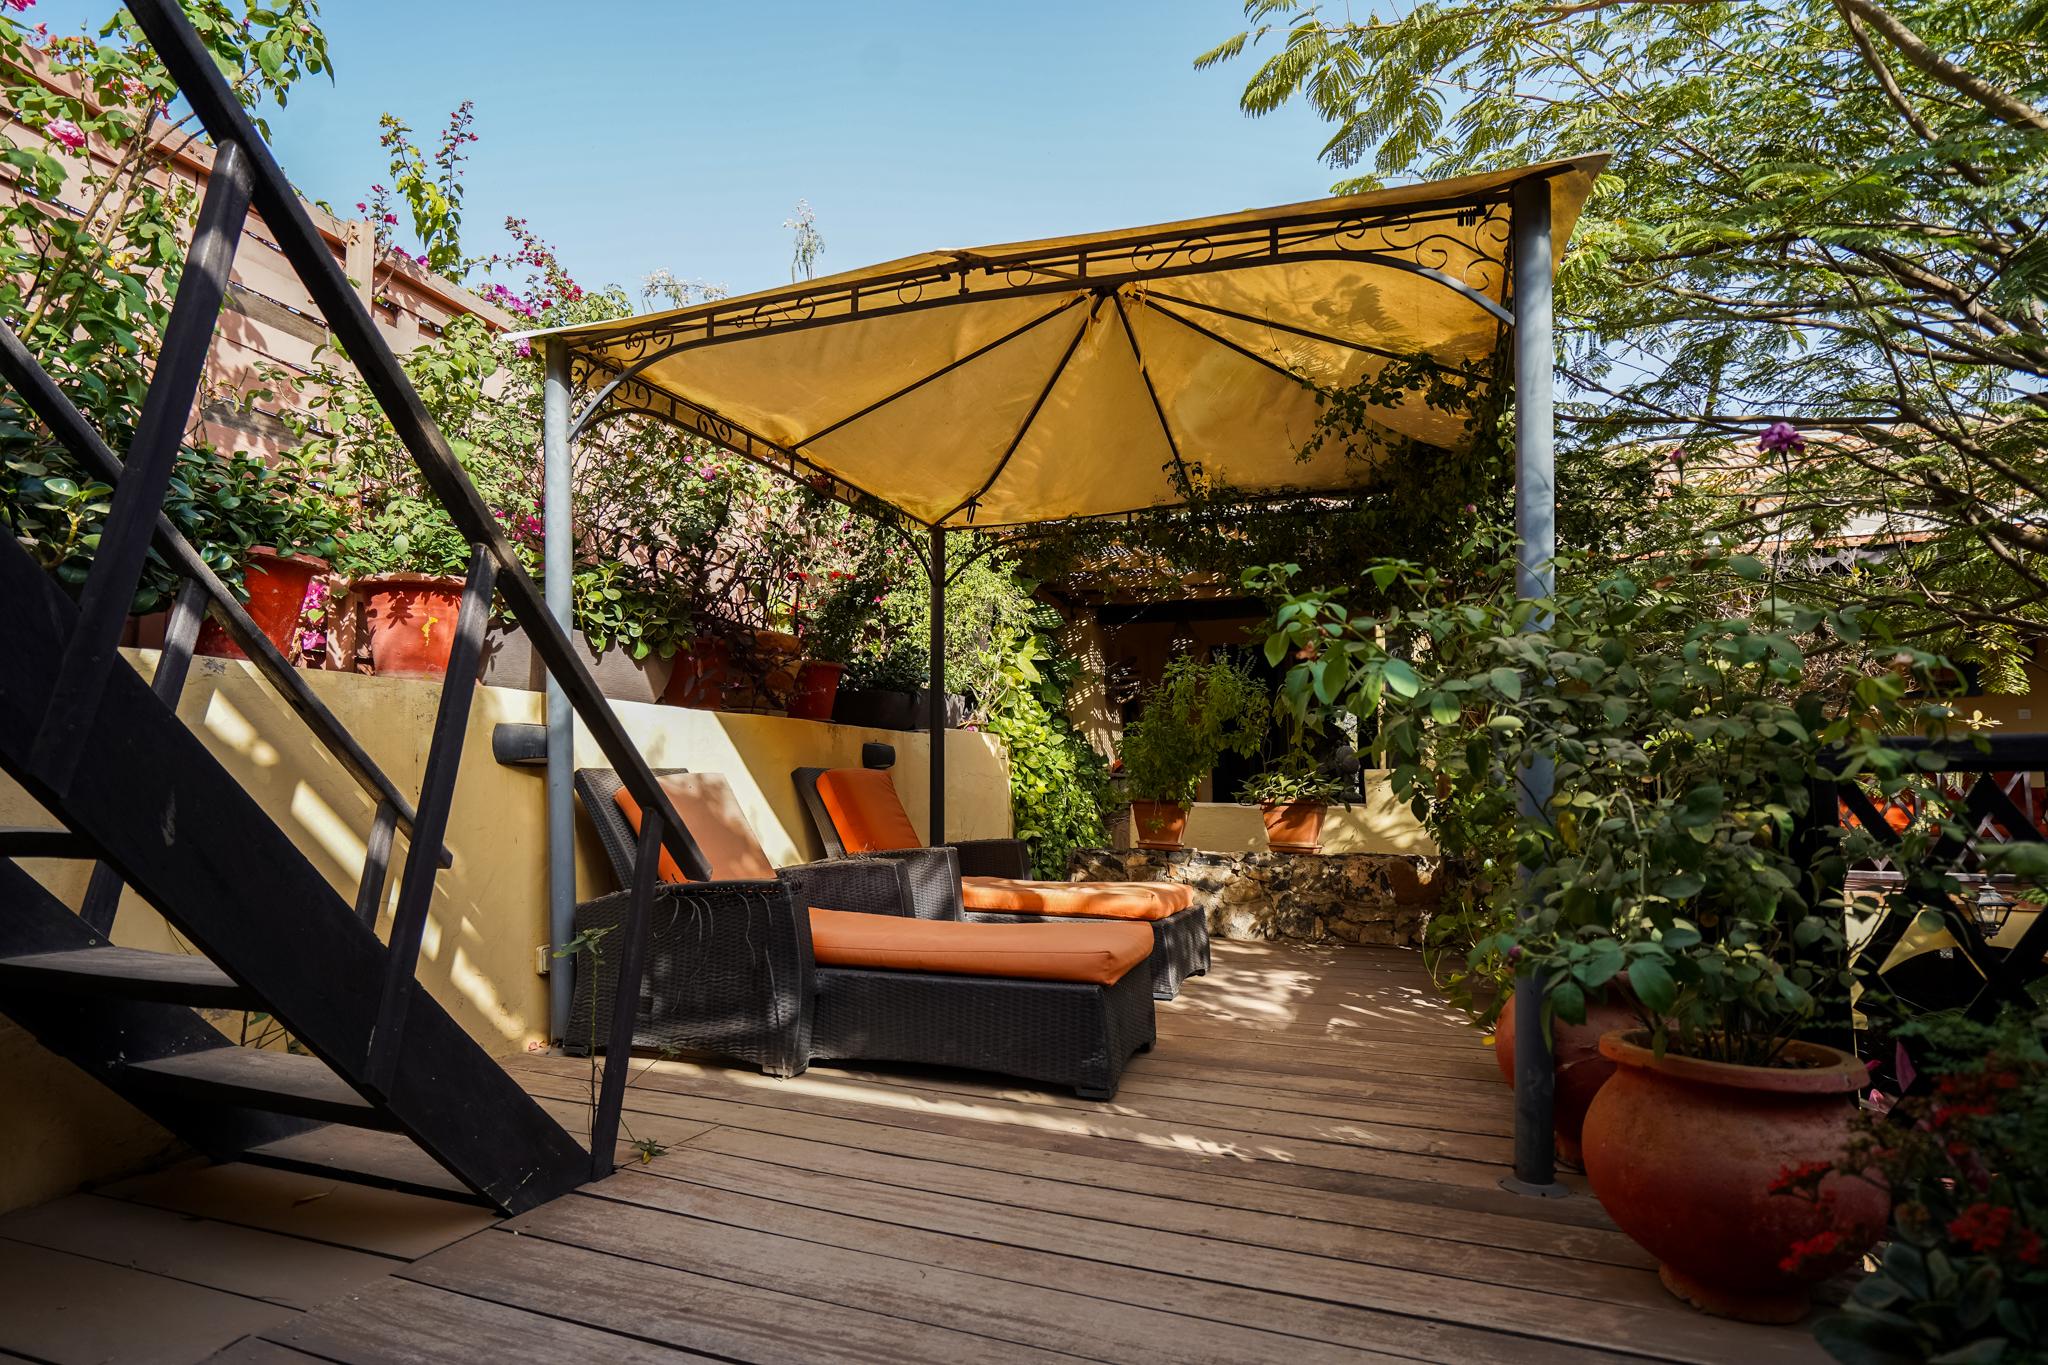 dormir-ile-gorée-senegal-visite-maison-hotel